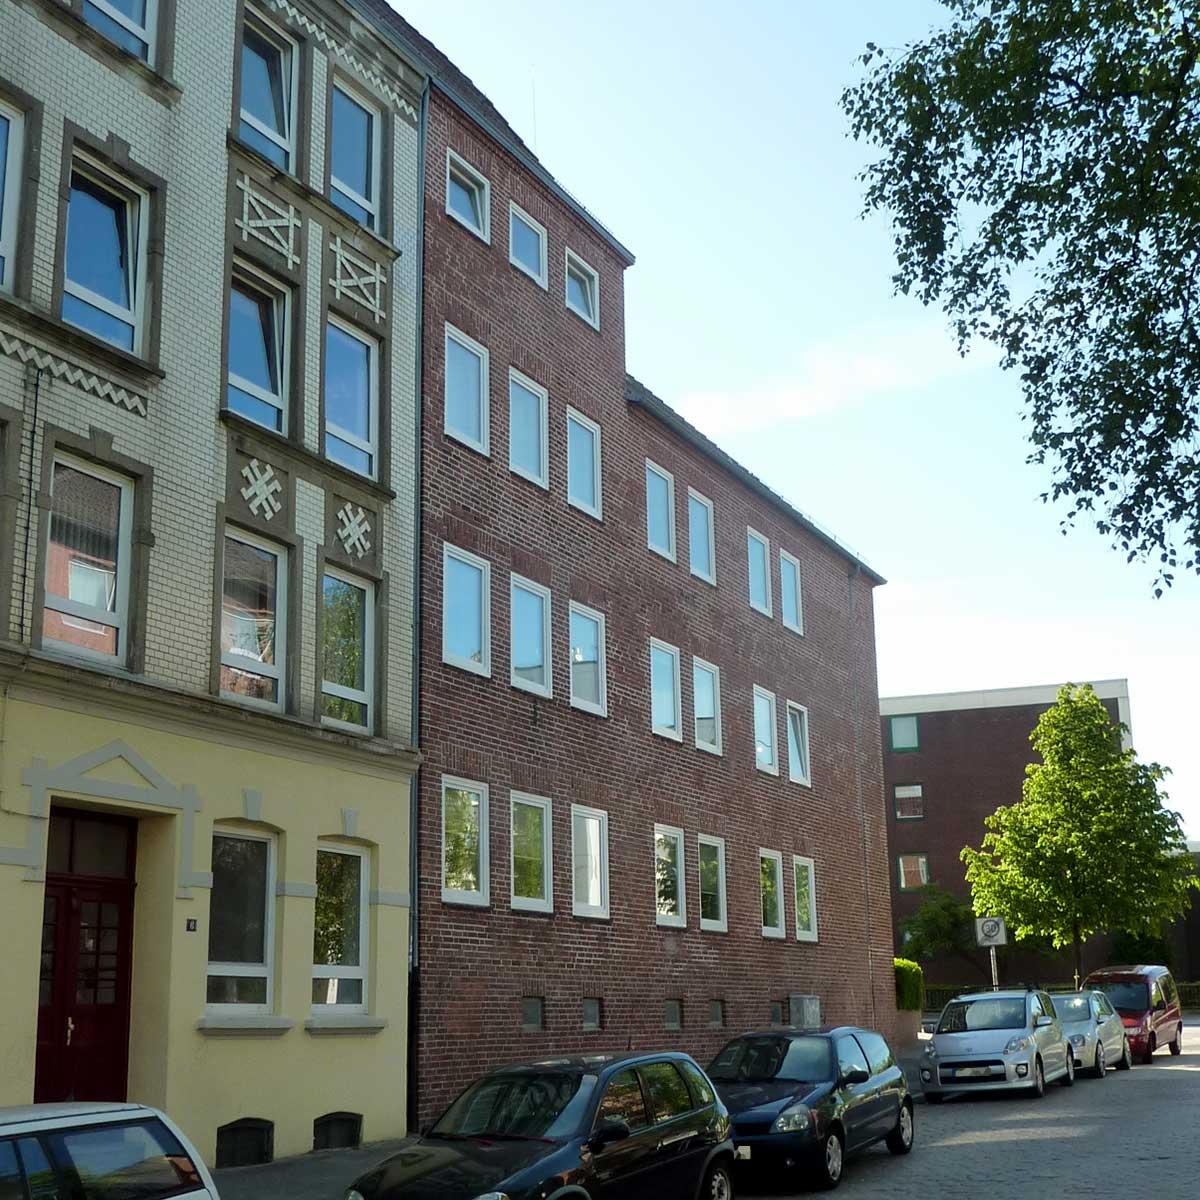 Wohnungen der Baugenossenschaft Kiel Hassee in der Rendsburger Landstraße 106